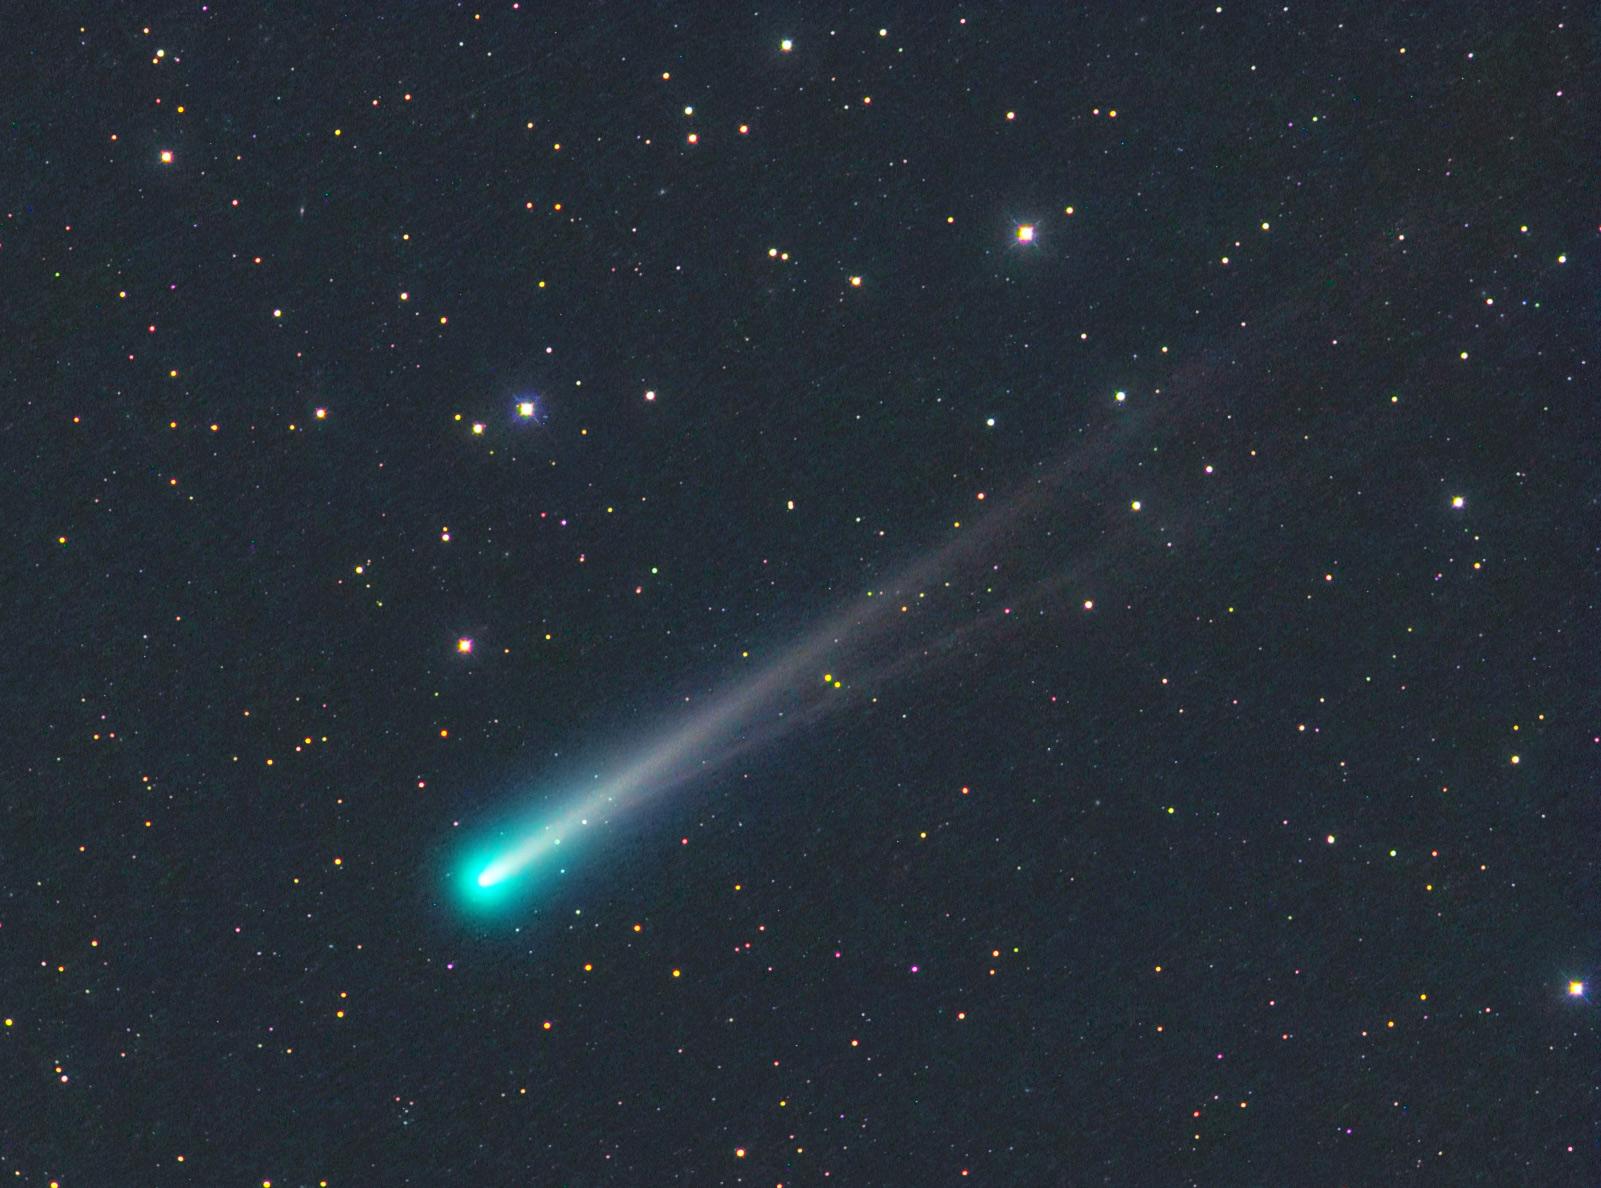 10 Kasım 2013'te amatör gökbilimci Michael Jager'ın yakaladığı ISON kuyrukluyıldızı görüntüsü. Çift kuyruğu fotoğrafın en ilginç yanı.